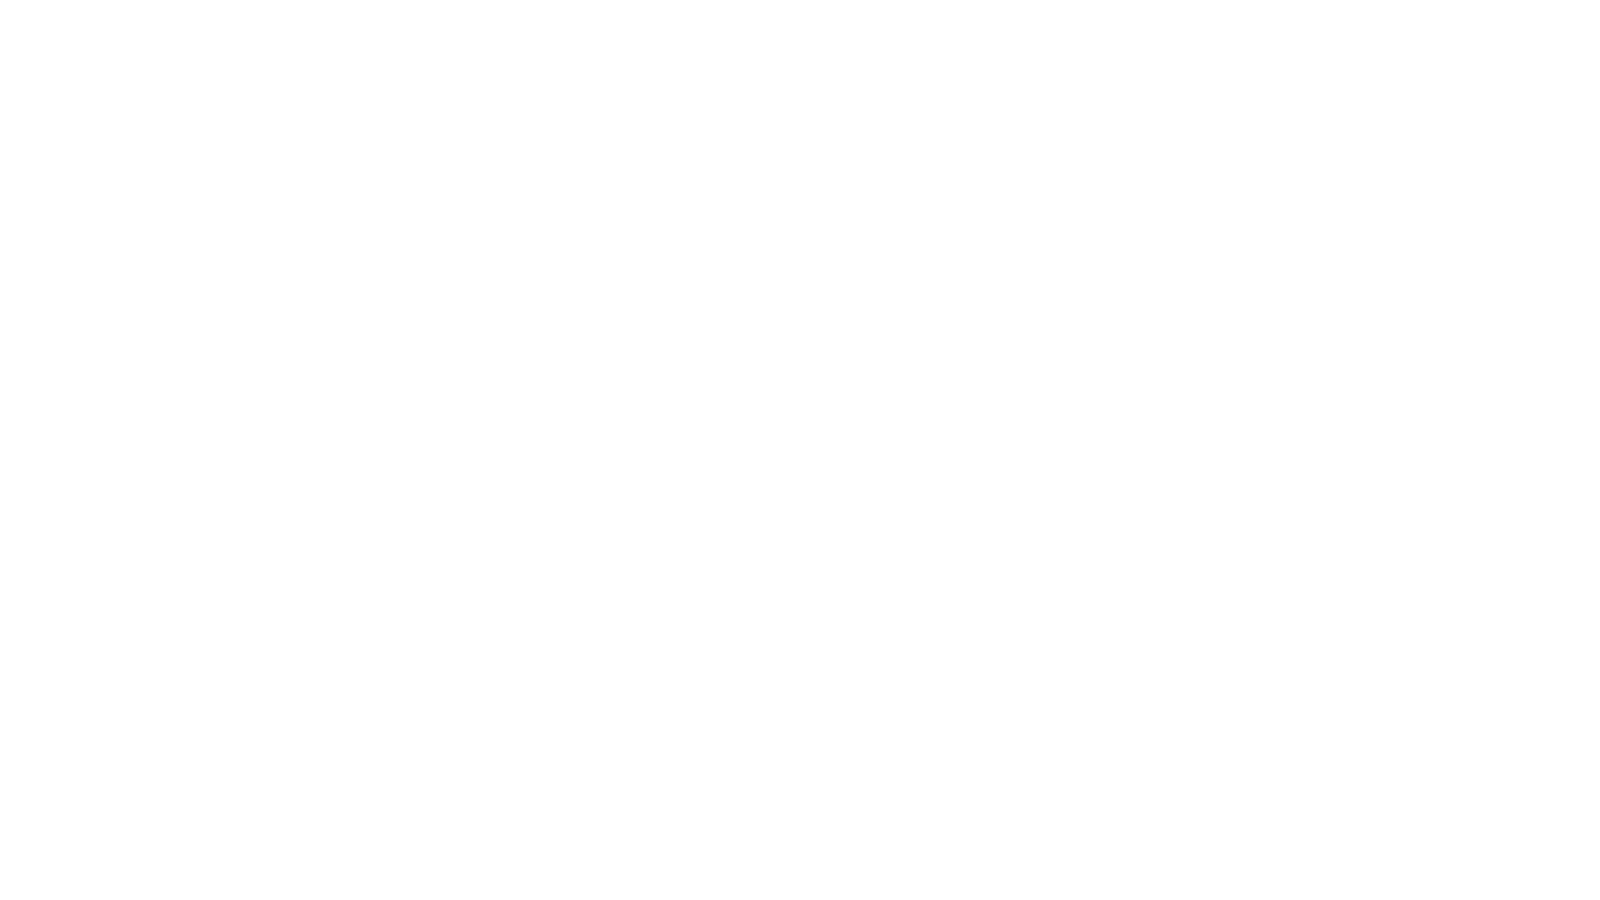 La formation de préparation au BPJEPS AF et au CQP Instructeur Fitness est une formation préparant au diplôme du BPJEPS AF et au CQP Instructeur Fitness non obligatoire mais vivement conseillée. Objectifs de la préformation : – De vous mettre ou de vous remettre au niveau sportif. – De voir si le métier est fait pour vous (surtout pour les plus jeunes). – Préparer son entrée dans une école qui forme au BPJEPS (AF ou AAN) ou au CQP Instructeur Fitness, avec l'acquisition des connaissances et compétences fondamentales. – Préparer les tests de sélection des écoles. – Trouver une structure de stage et un financement pour votre année de formation au BPJEPS ou au CQP Instructeur Fitness (contrat de professionnalisation, contrat d'apprentissage ….).  – Elaborer son projet professionnel avec l'aide de l'équipe pédagogique. Cette formation peut se faire en version courte ou en version longue en fonction de votre niveau, de votre âge, de votre budget ou de votre disponibilité. La formation comprend des périodes de cours théoriques, de cours pratiques mais également des périodes de stage en entreprise.